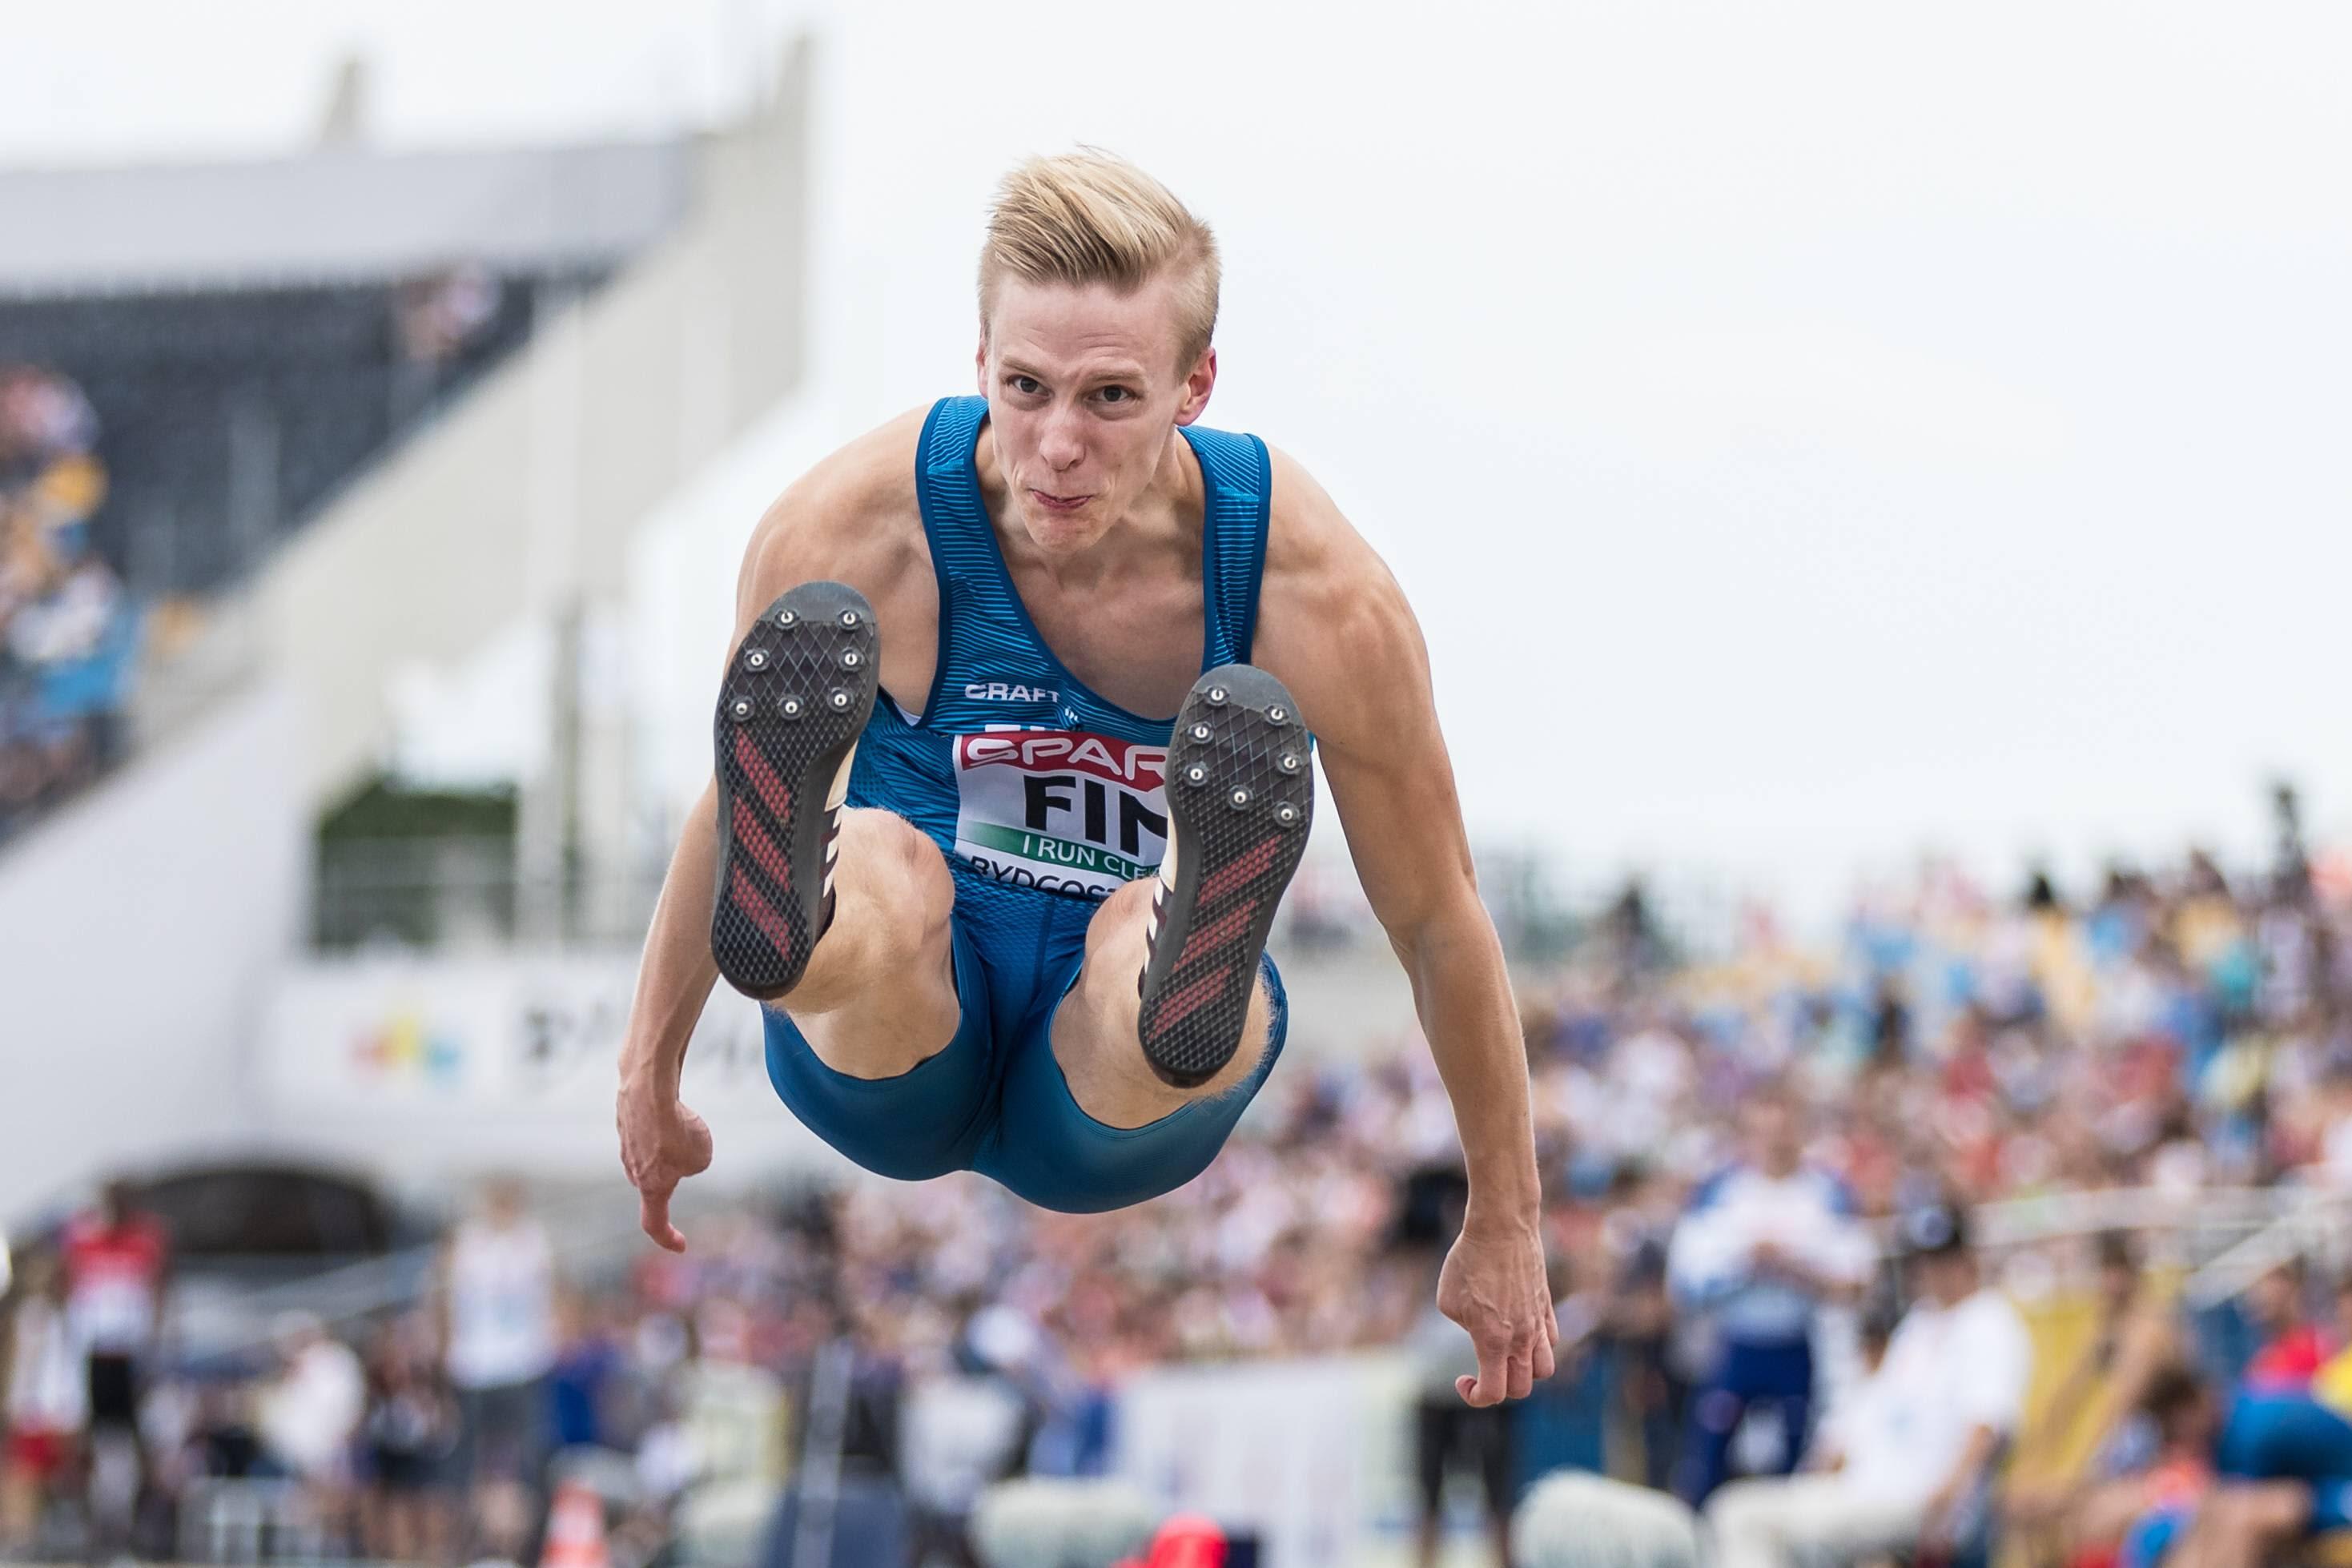 Yle Urheilun yleisurheiluasiantuntija Jarkko Finni vierailia urheiluruudussa sunnuntaina